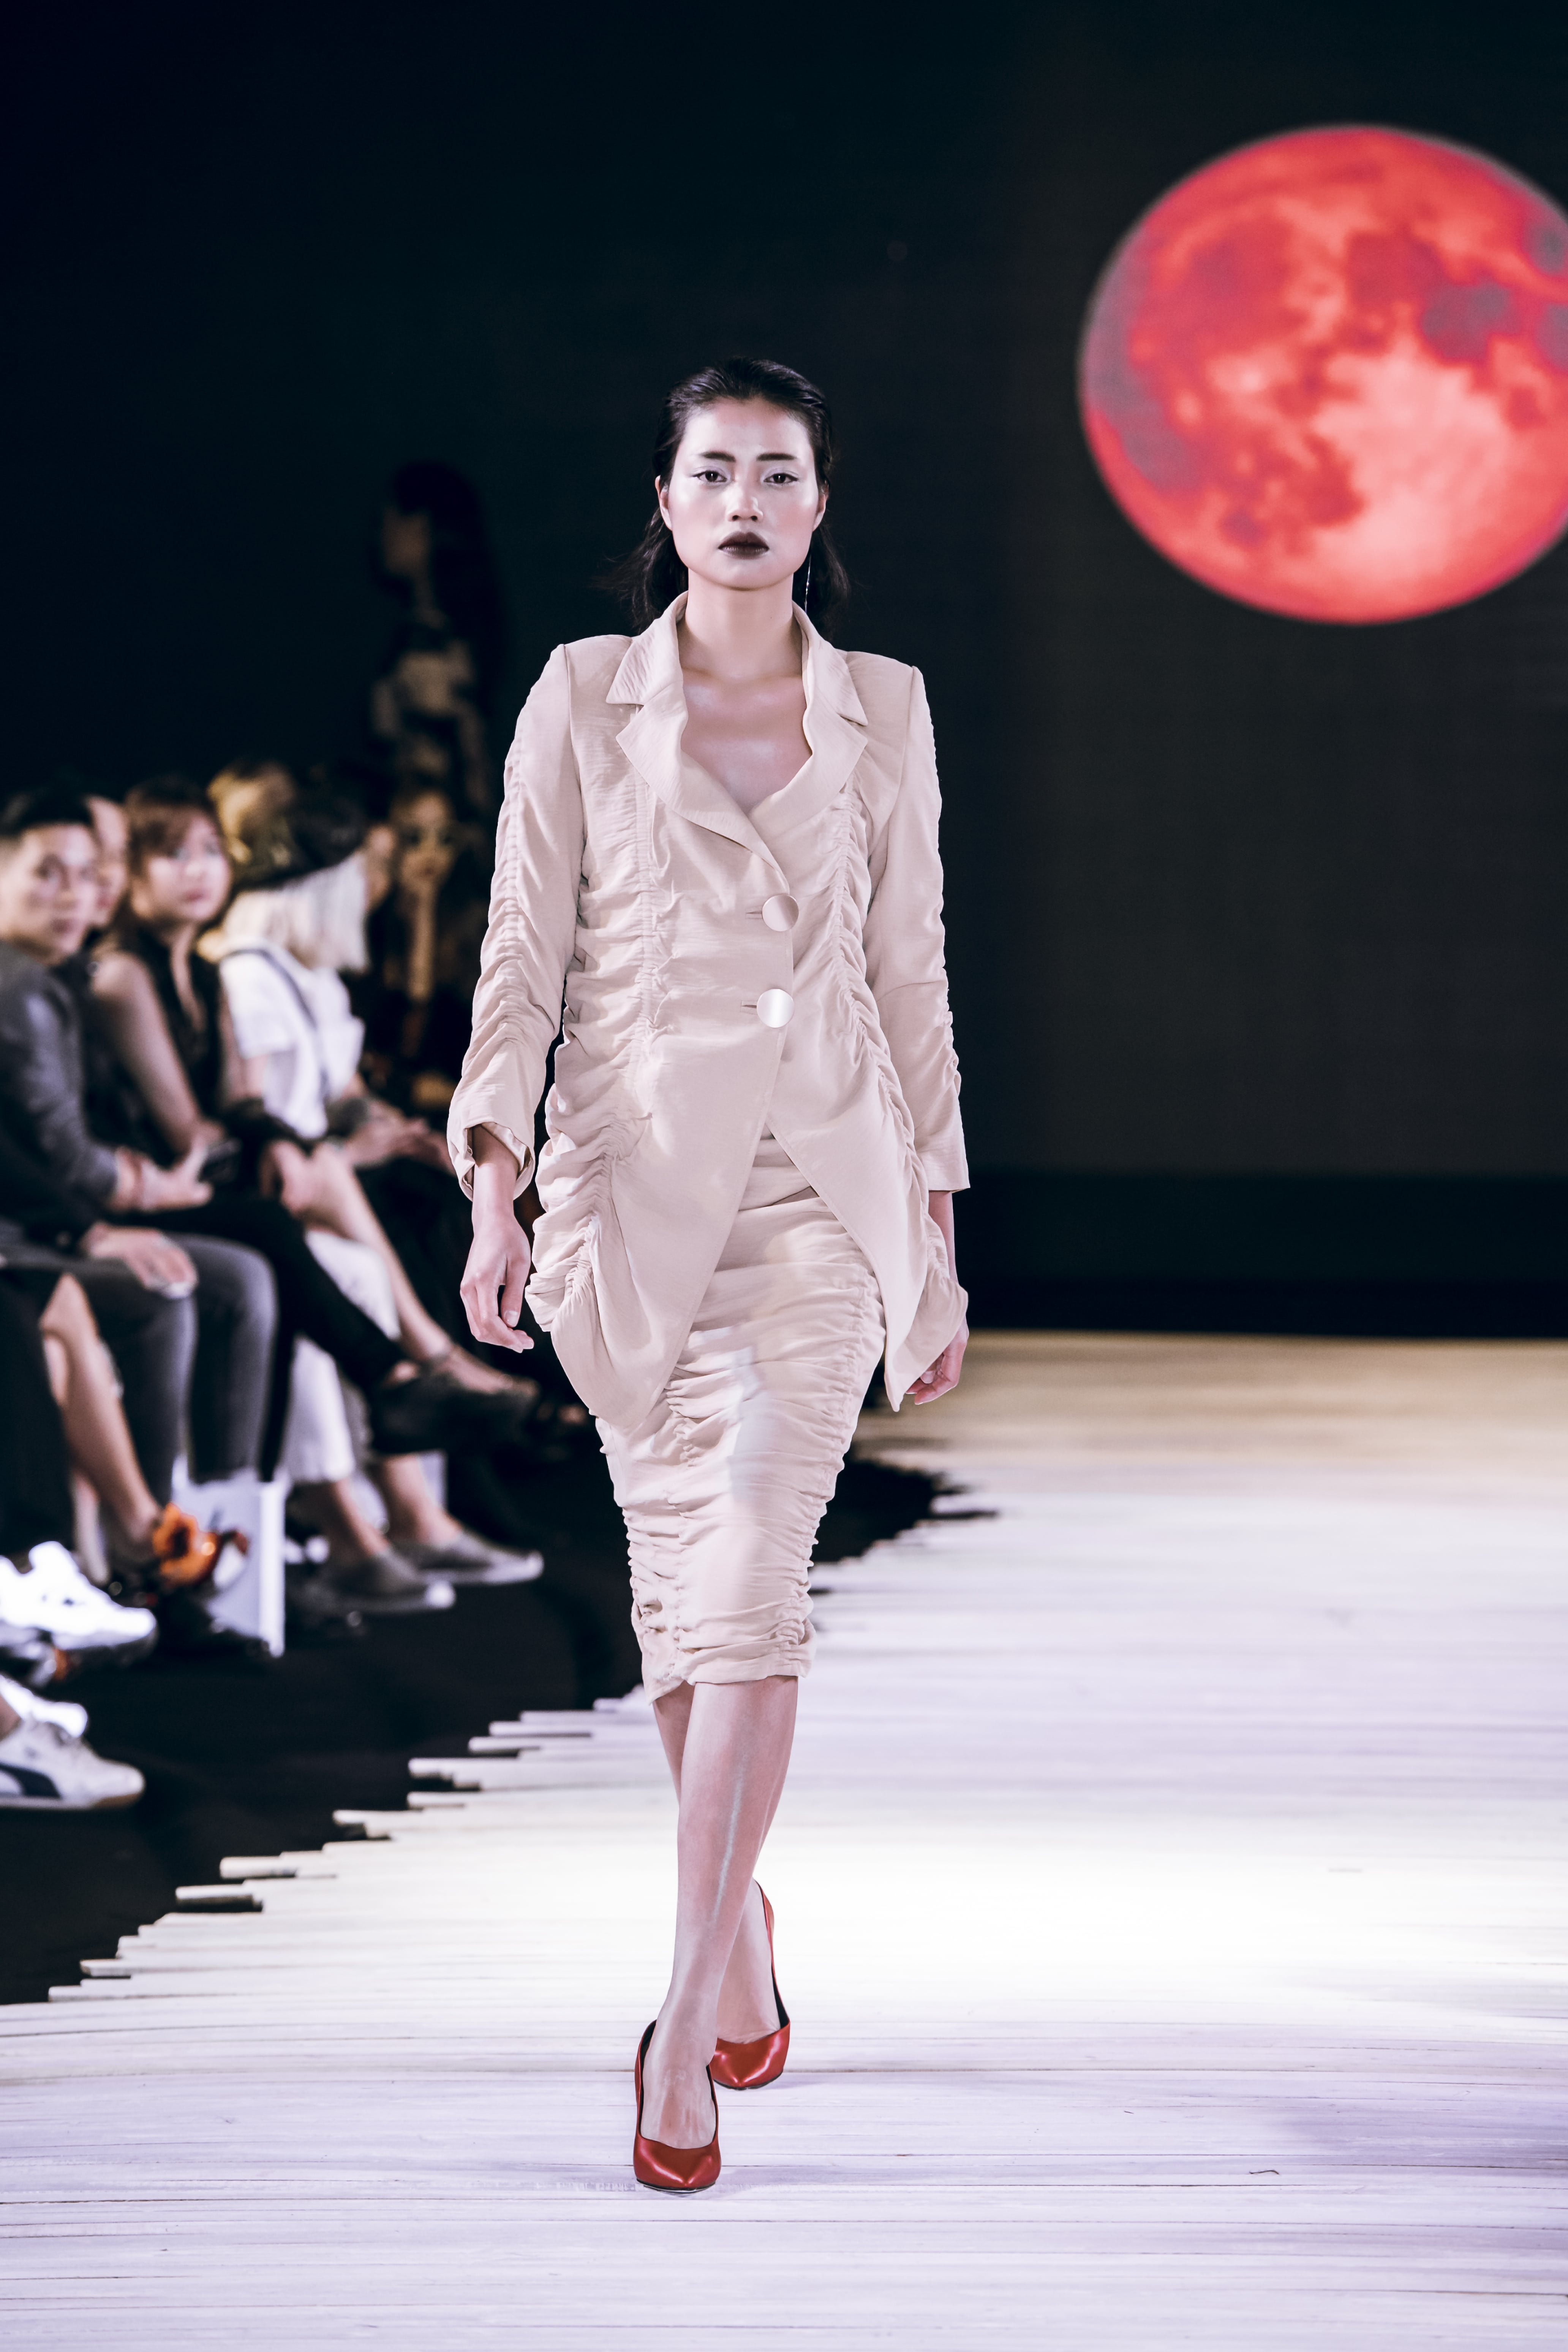 Người mẫu mặc áo vest và chân váy trắng